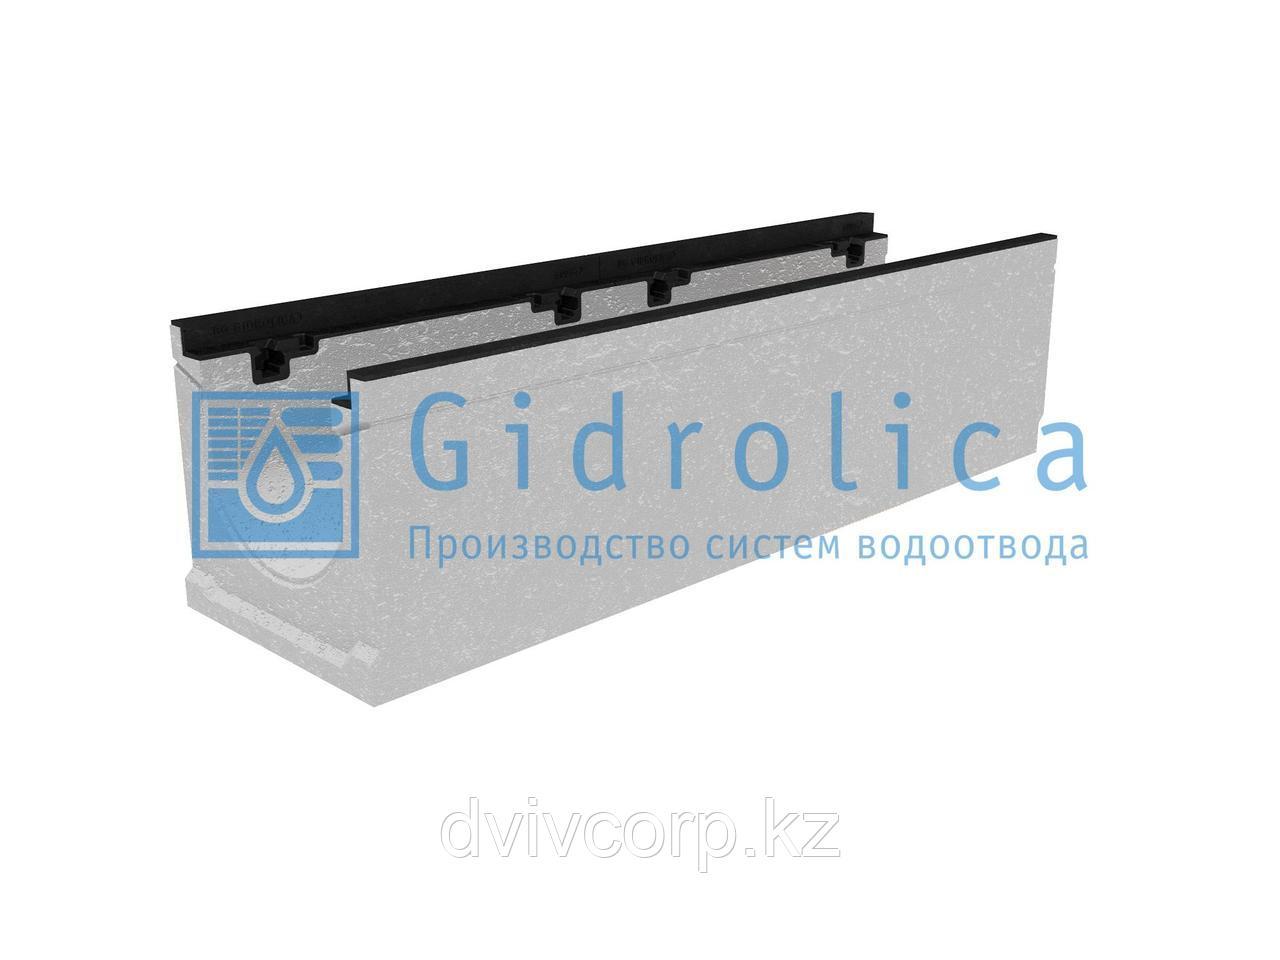 Лоток водоотводный бетонный коробчатый (СО-200мм), с чугунной насадкой, с уклоном 0,5%  КUу 100.29,8